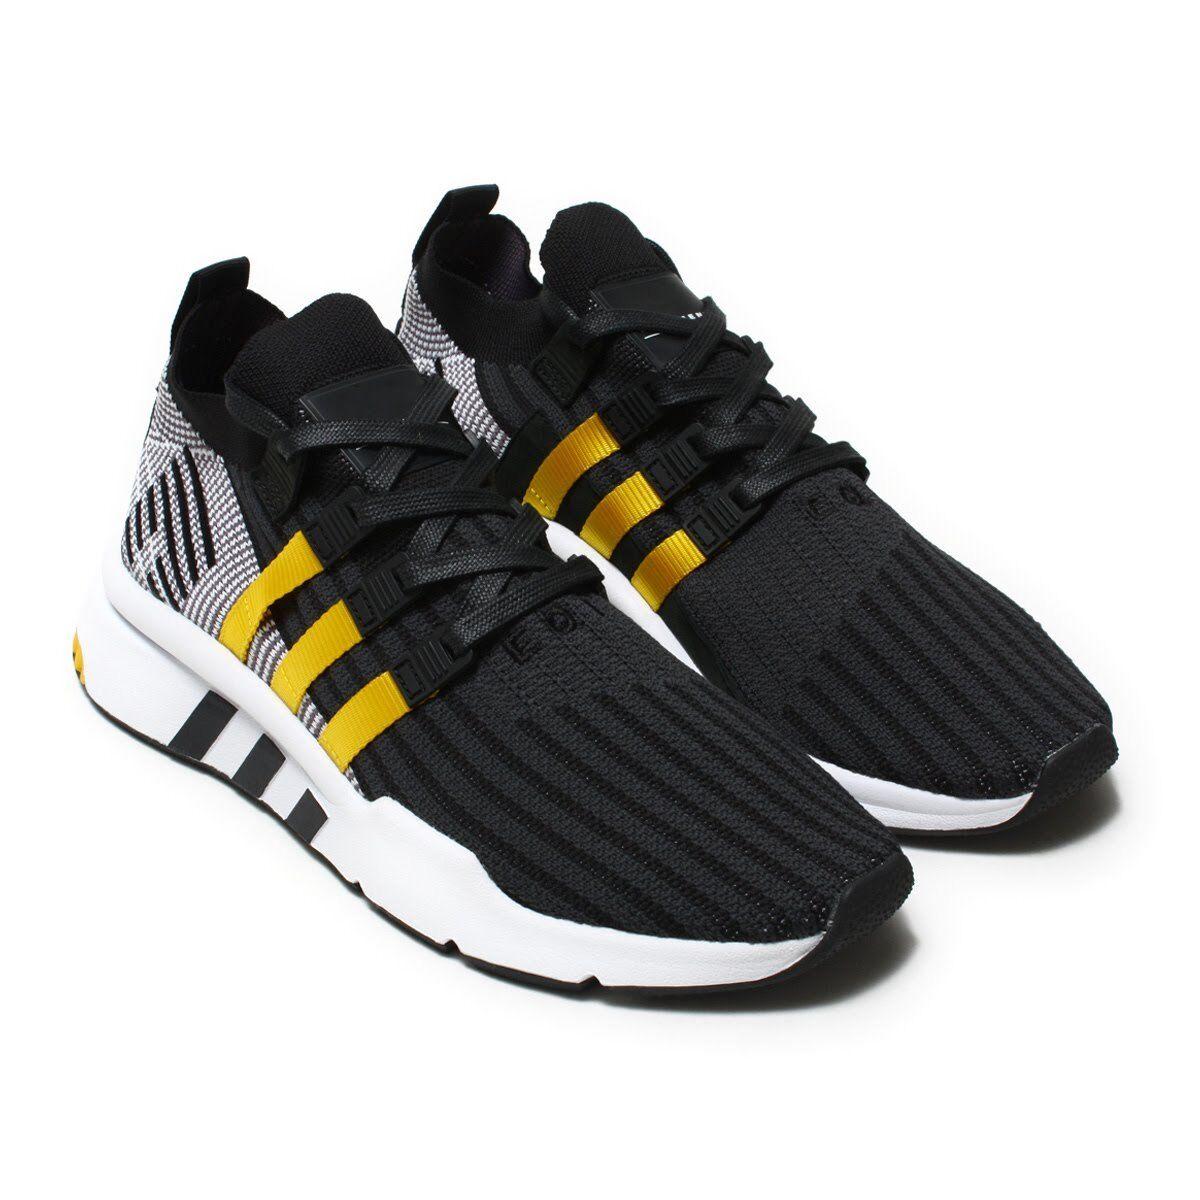 Uomo Adidas EQT Support Mid Mid Mid ADV CQ2999 Primeknit nero giallo SZ 7-13 DS Boost 44f981